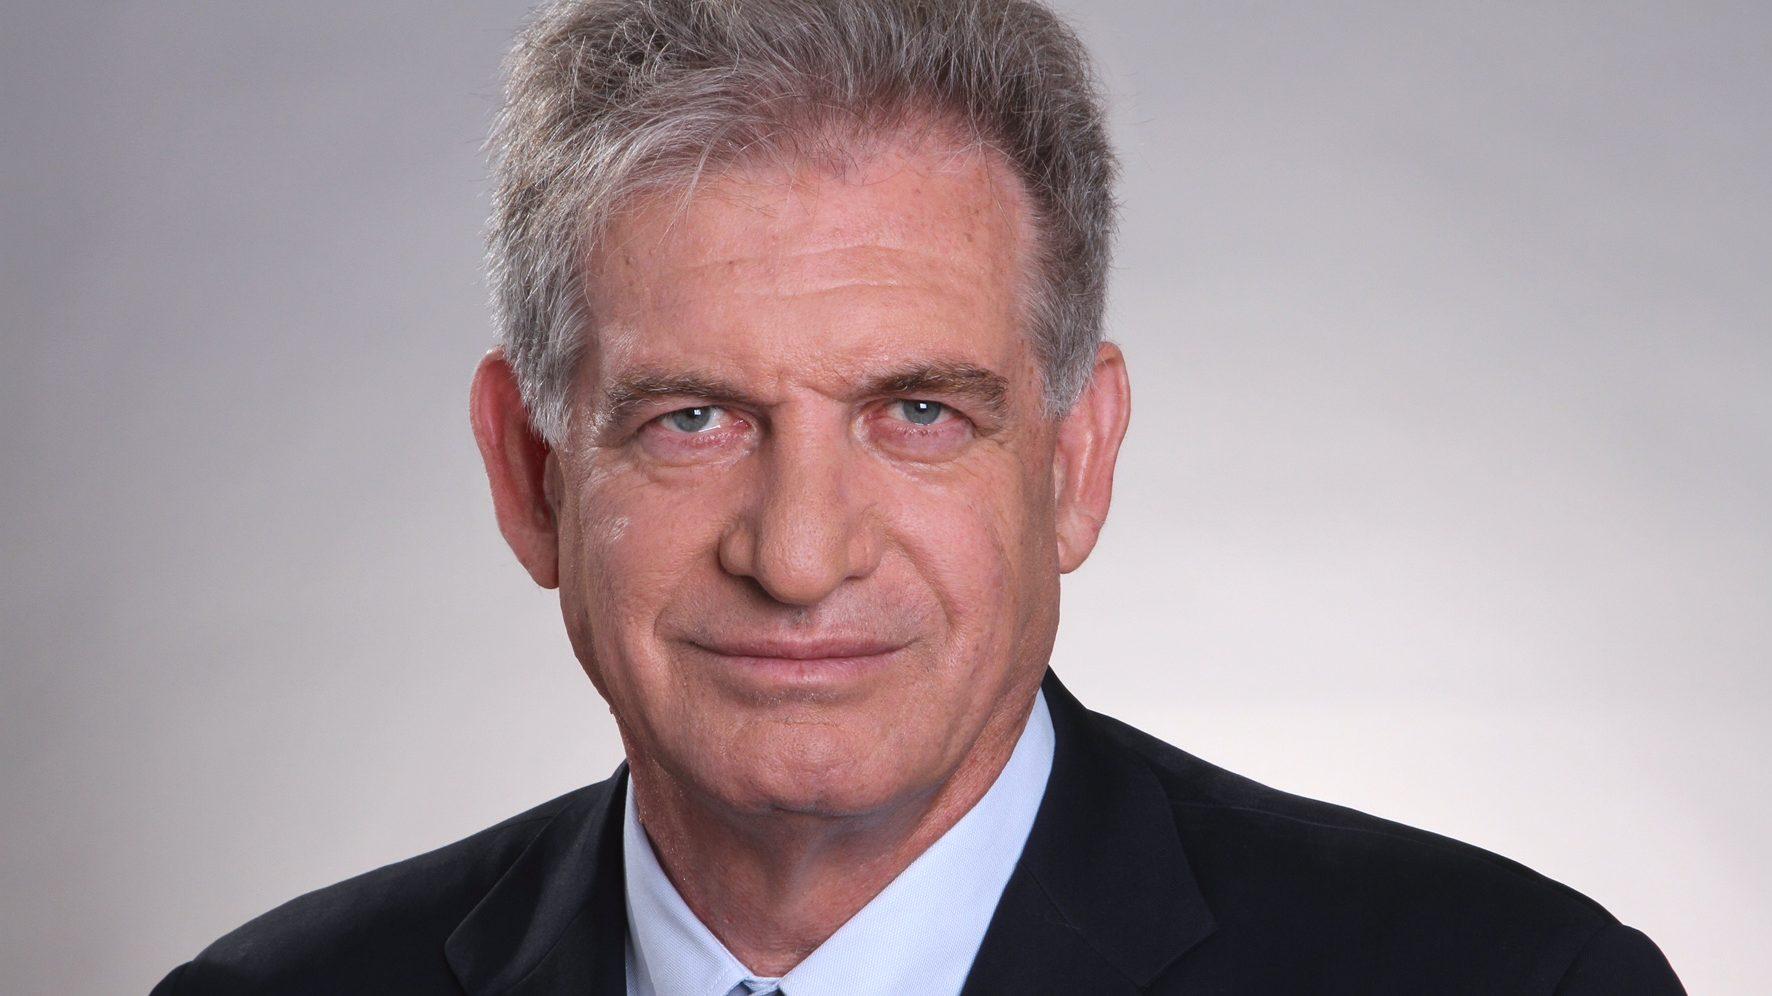 """מנכ""""ל קרדיטפלייס: המוסדיים שולחים כספים לחו""""ל ומתעלמים מהזדמנויות סולידיות בישראל"""